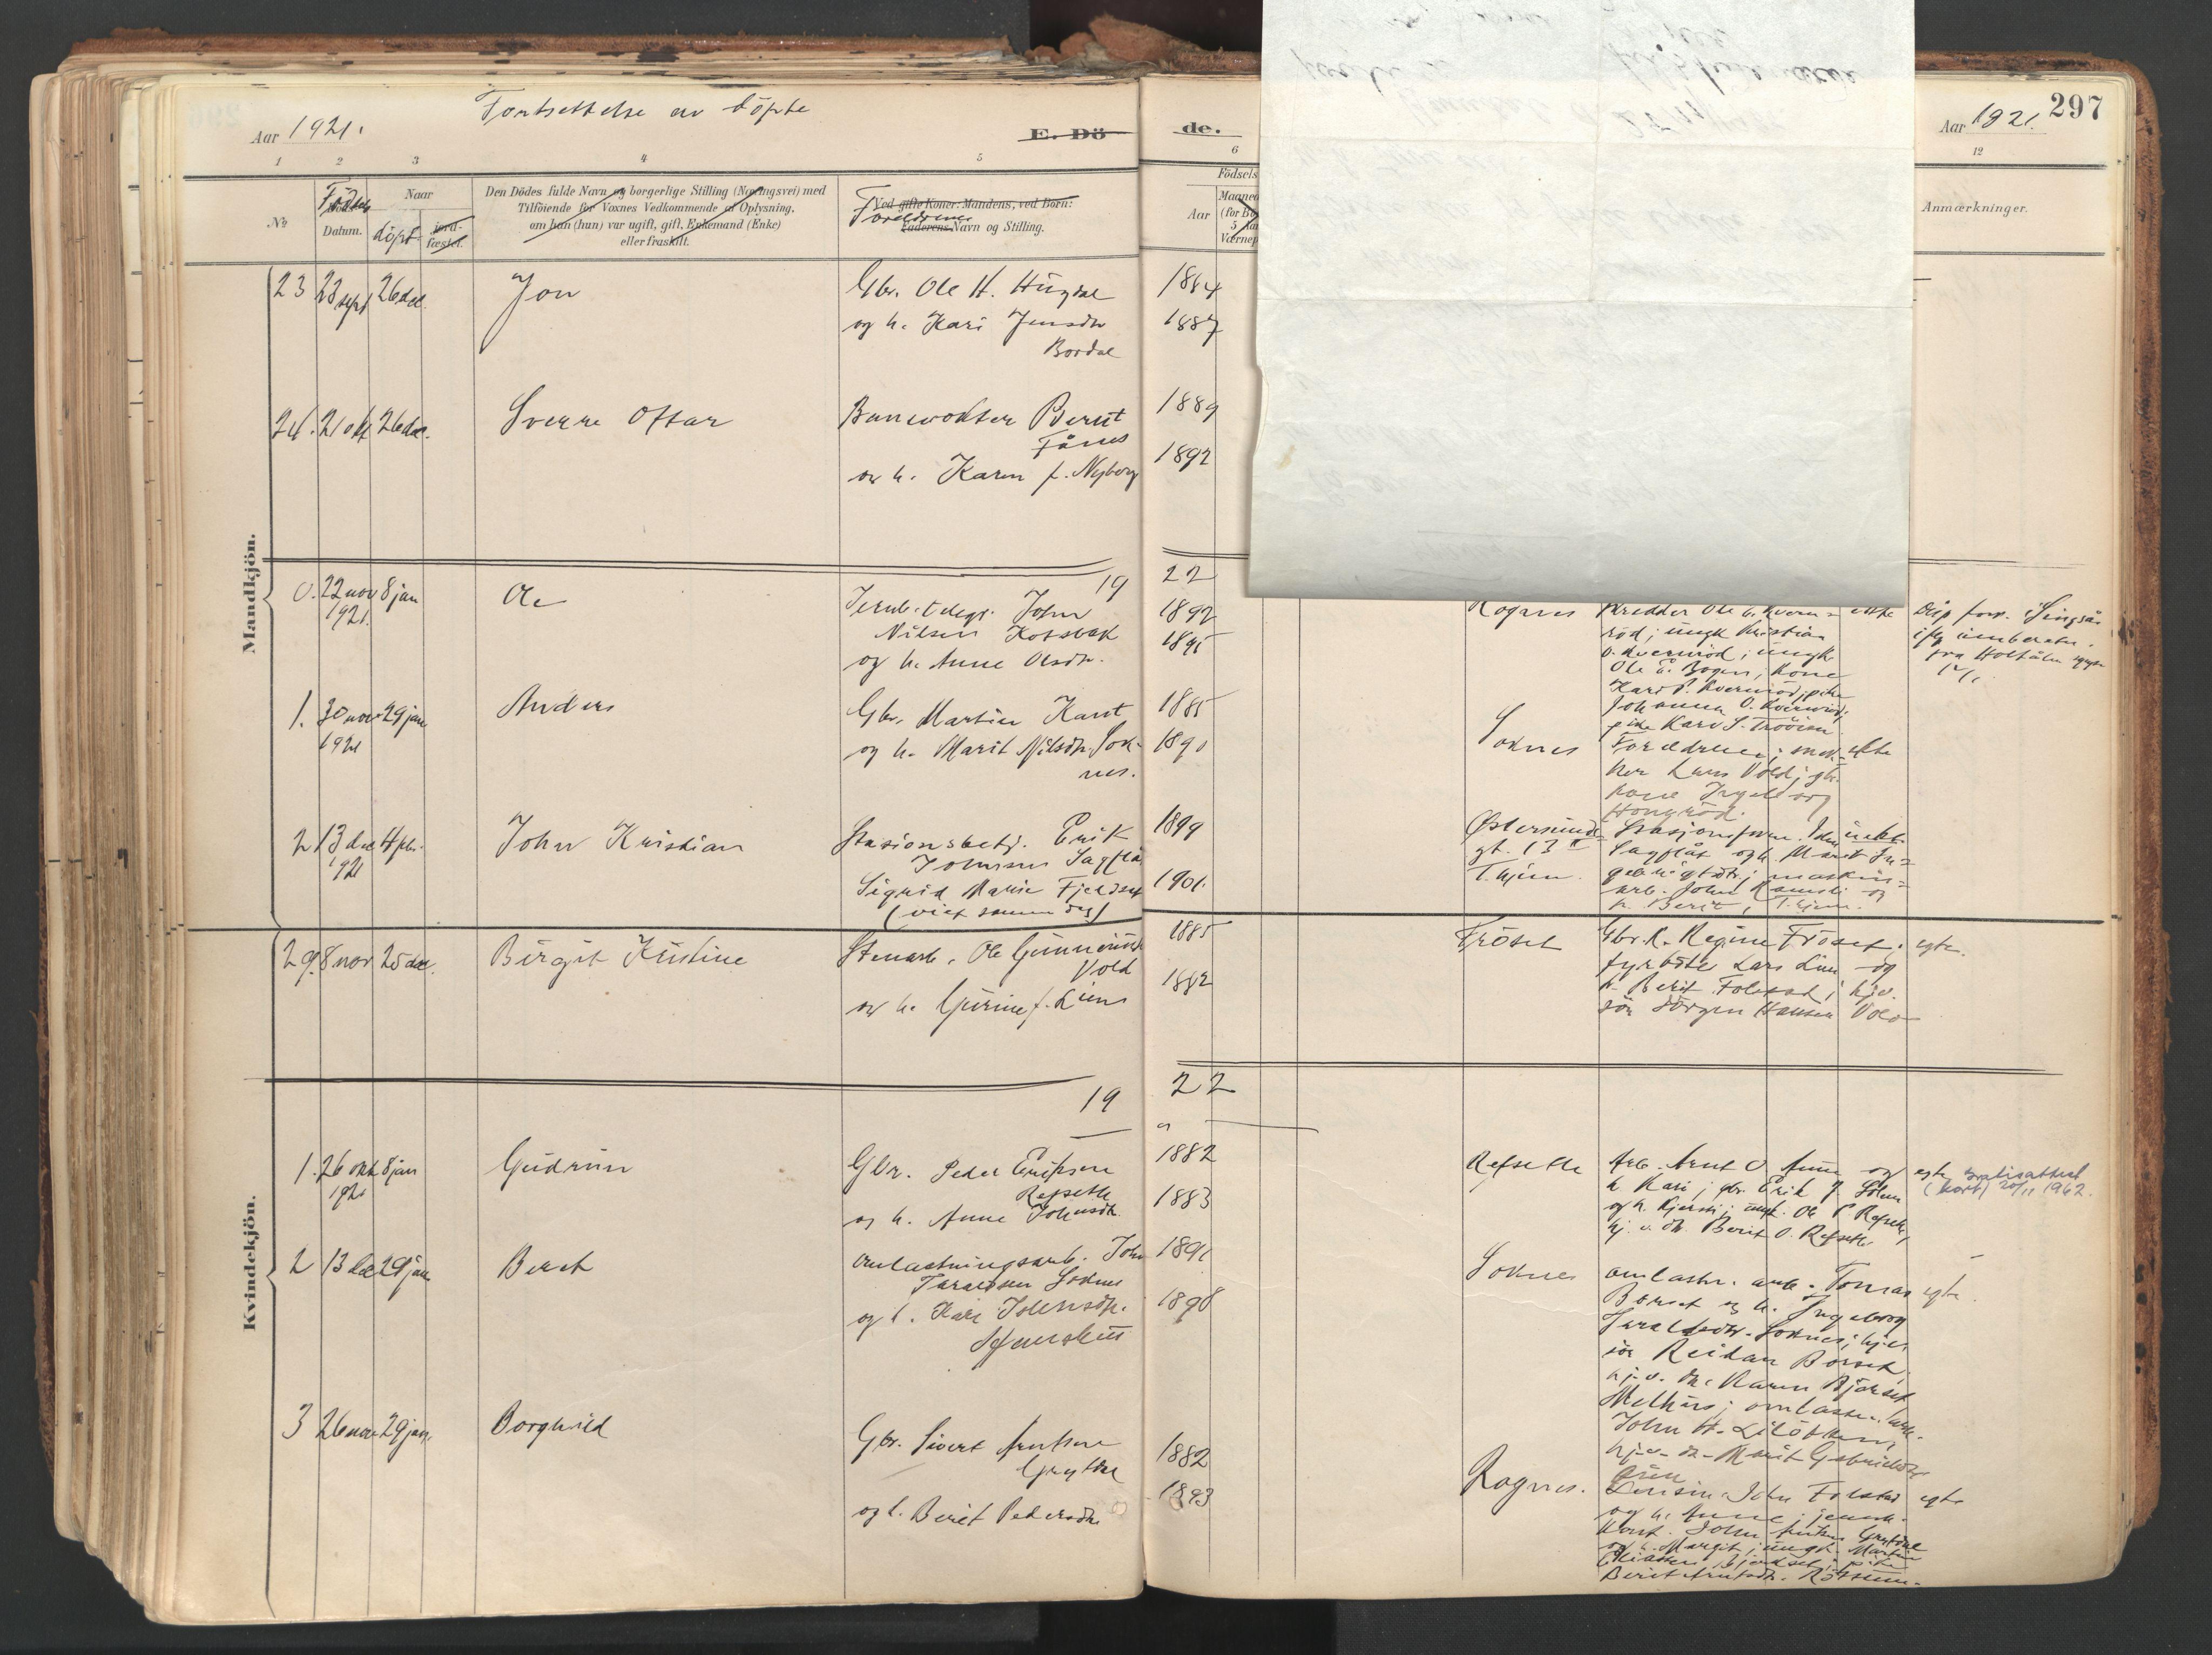 SAT, Ministerialprotokoller, klokkerbøker og fødselsregistre - Sør-Trøndelag, 687/L1004: Ministerialbok nr. 687A10, 1891-1923, s. 297